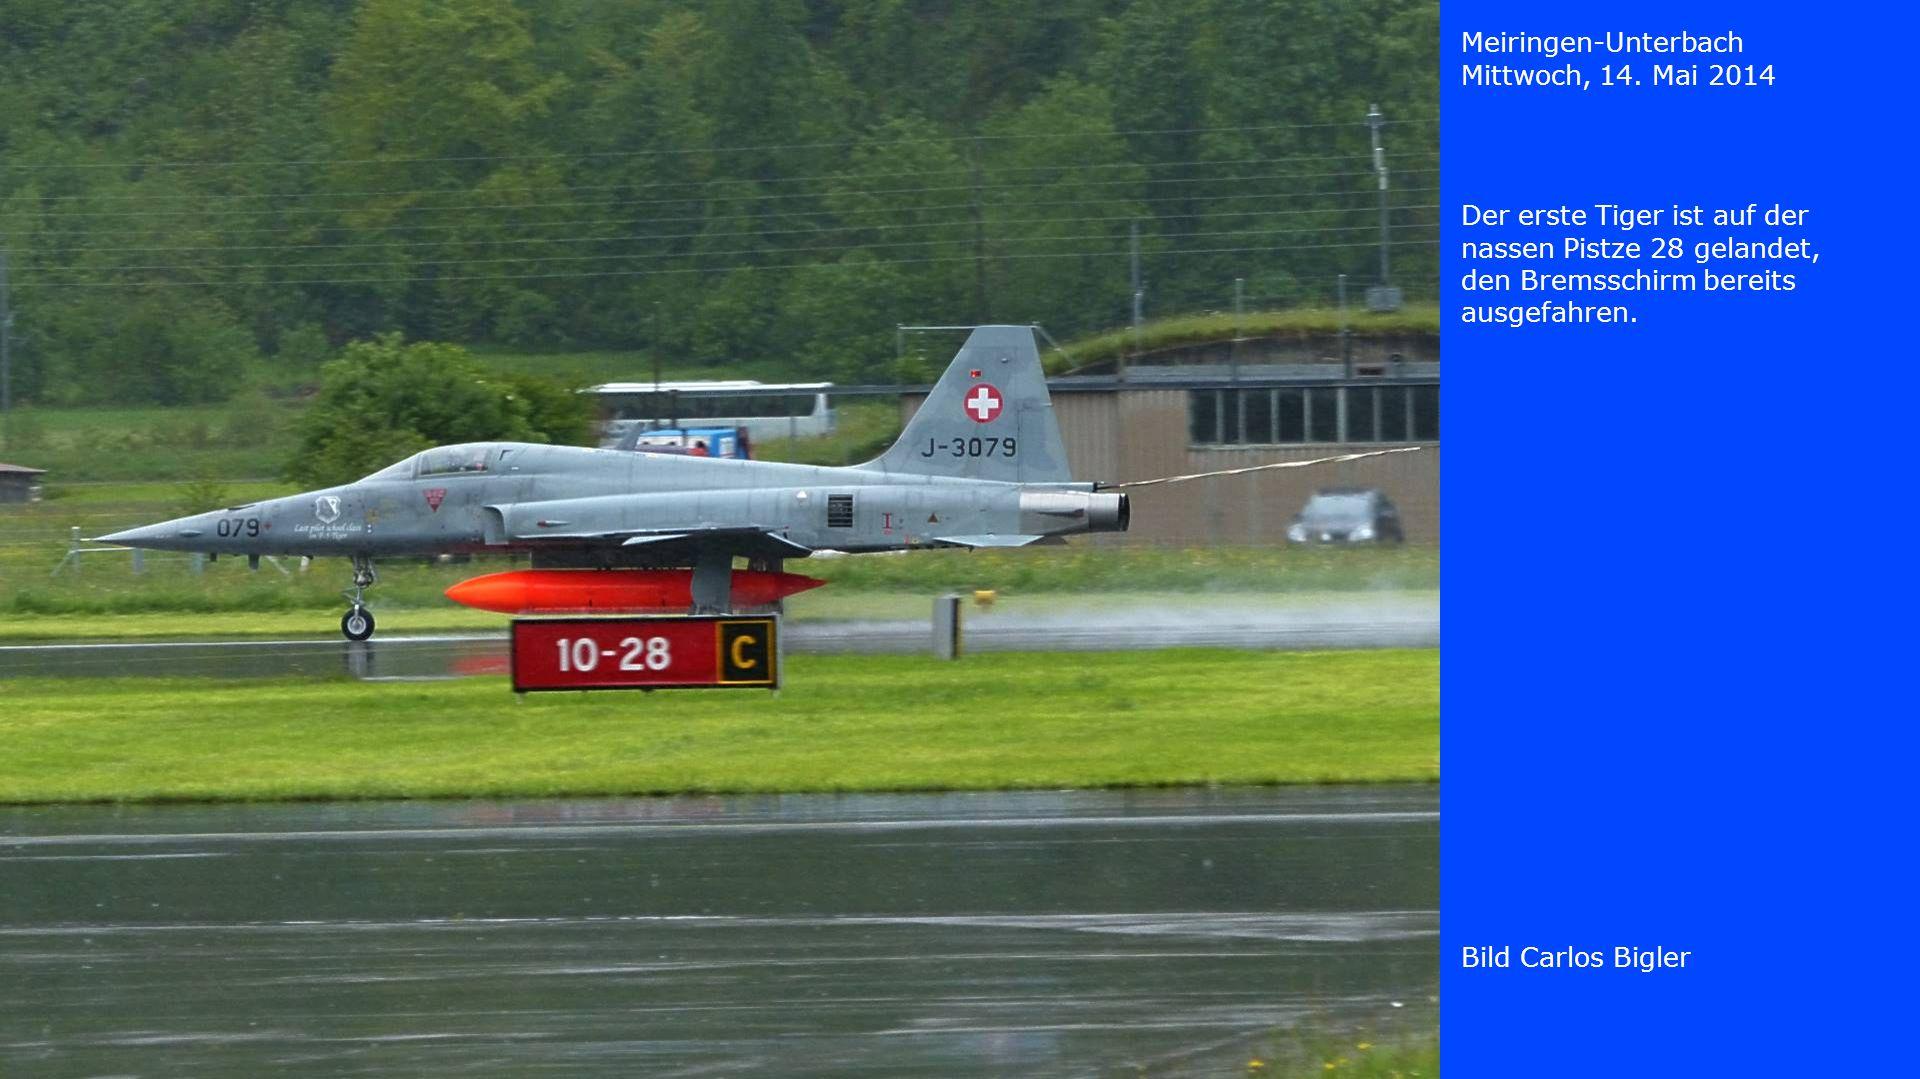 Meiringen-Unterbach Mittwoch, 14. Mai 2014. Der erste Tiger ist auf der nassen Pistze 28 gelandet, den Bremsschirm bereits ausgefahren.